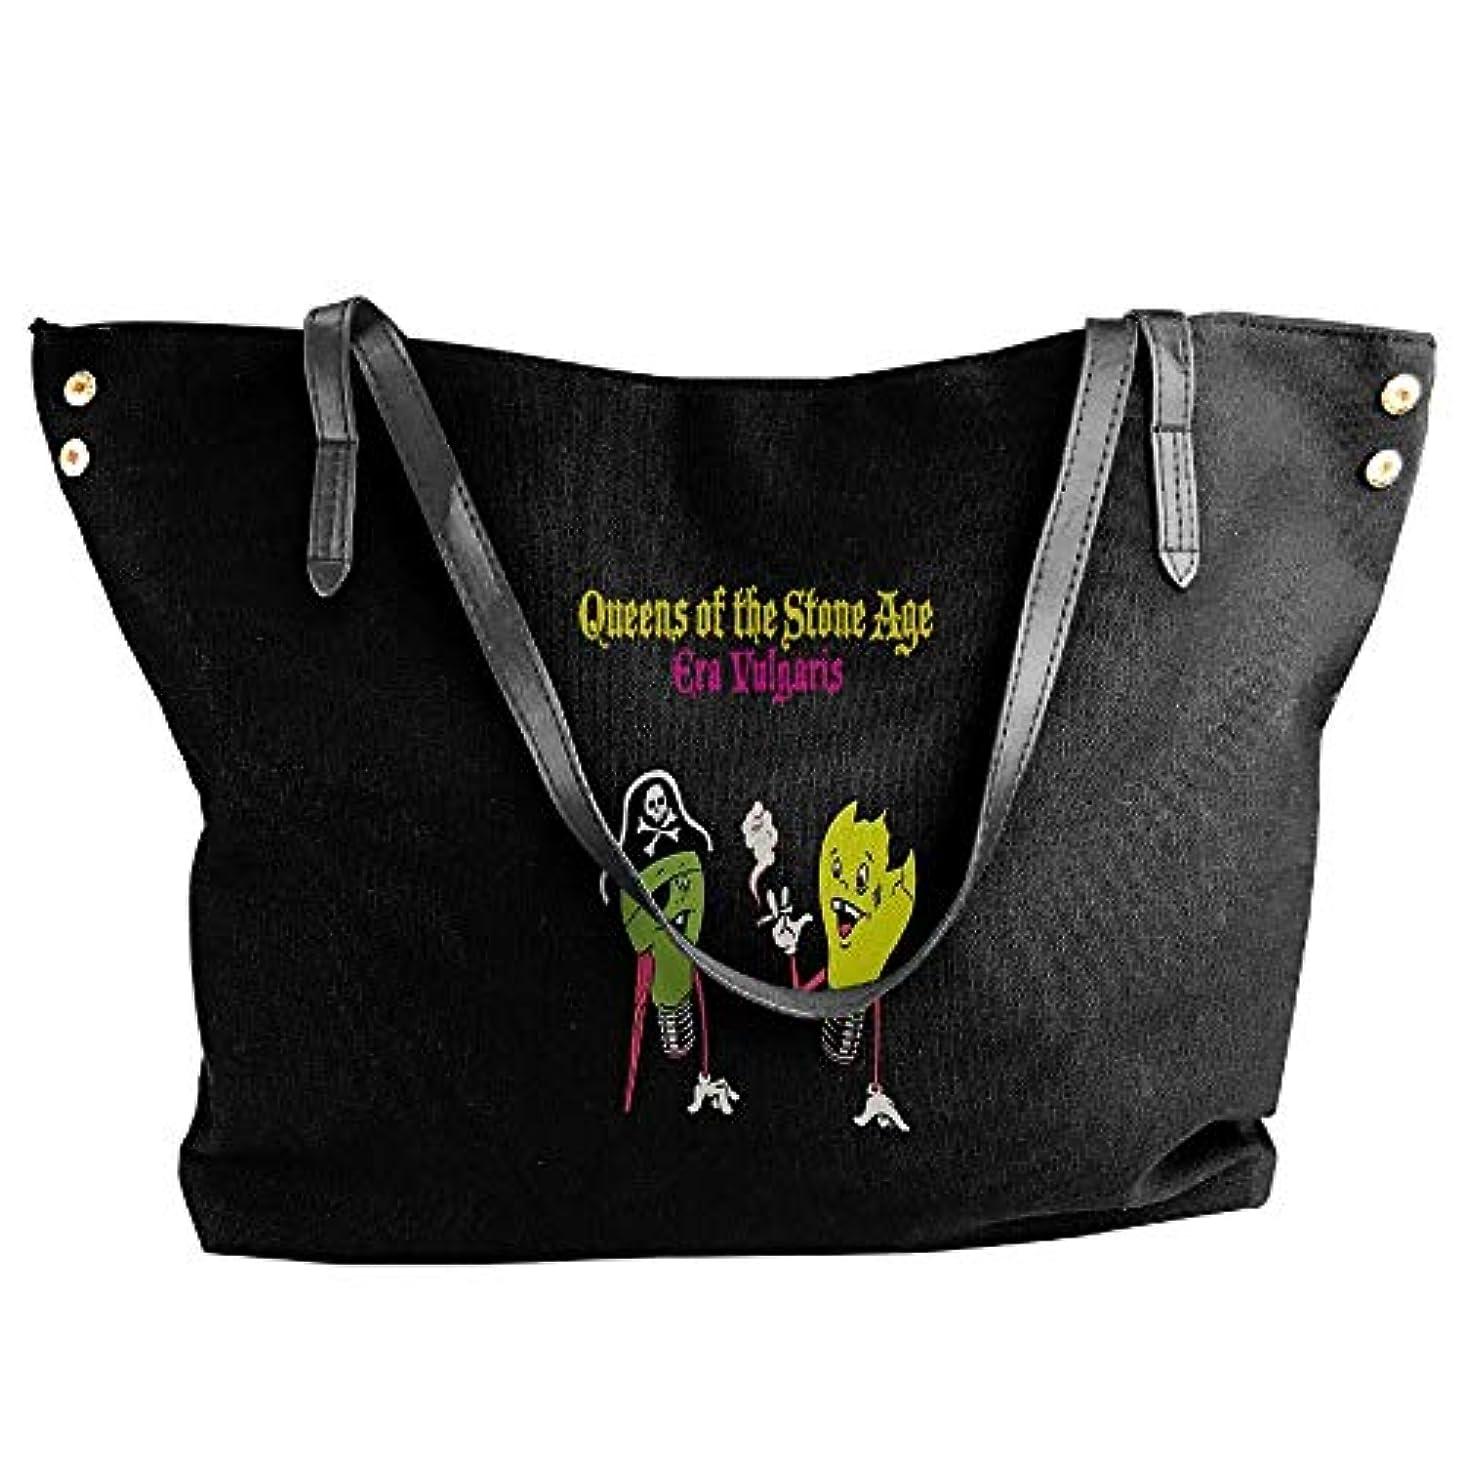 計算する故意にオークション2019最新レディースバッグ ファッション若い女の子ストリートショッピングキャンバスのショルダーバッグ Queens Of The Stone Age Era Vulgaris 人気のバッグ 大容量 リュック